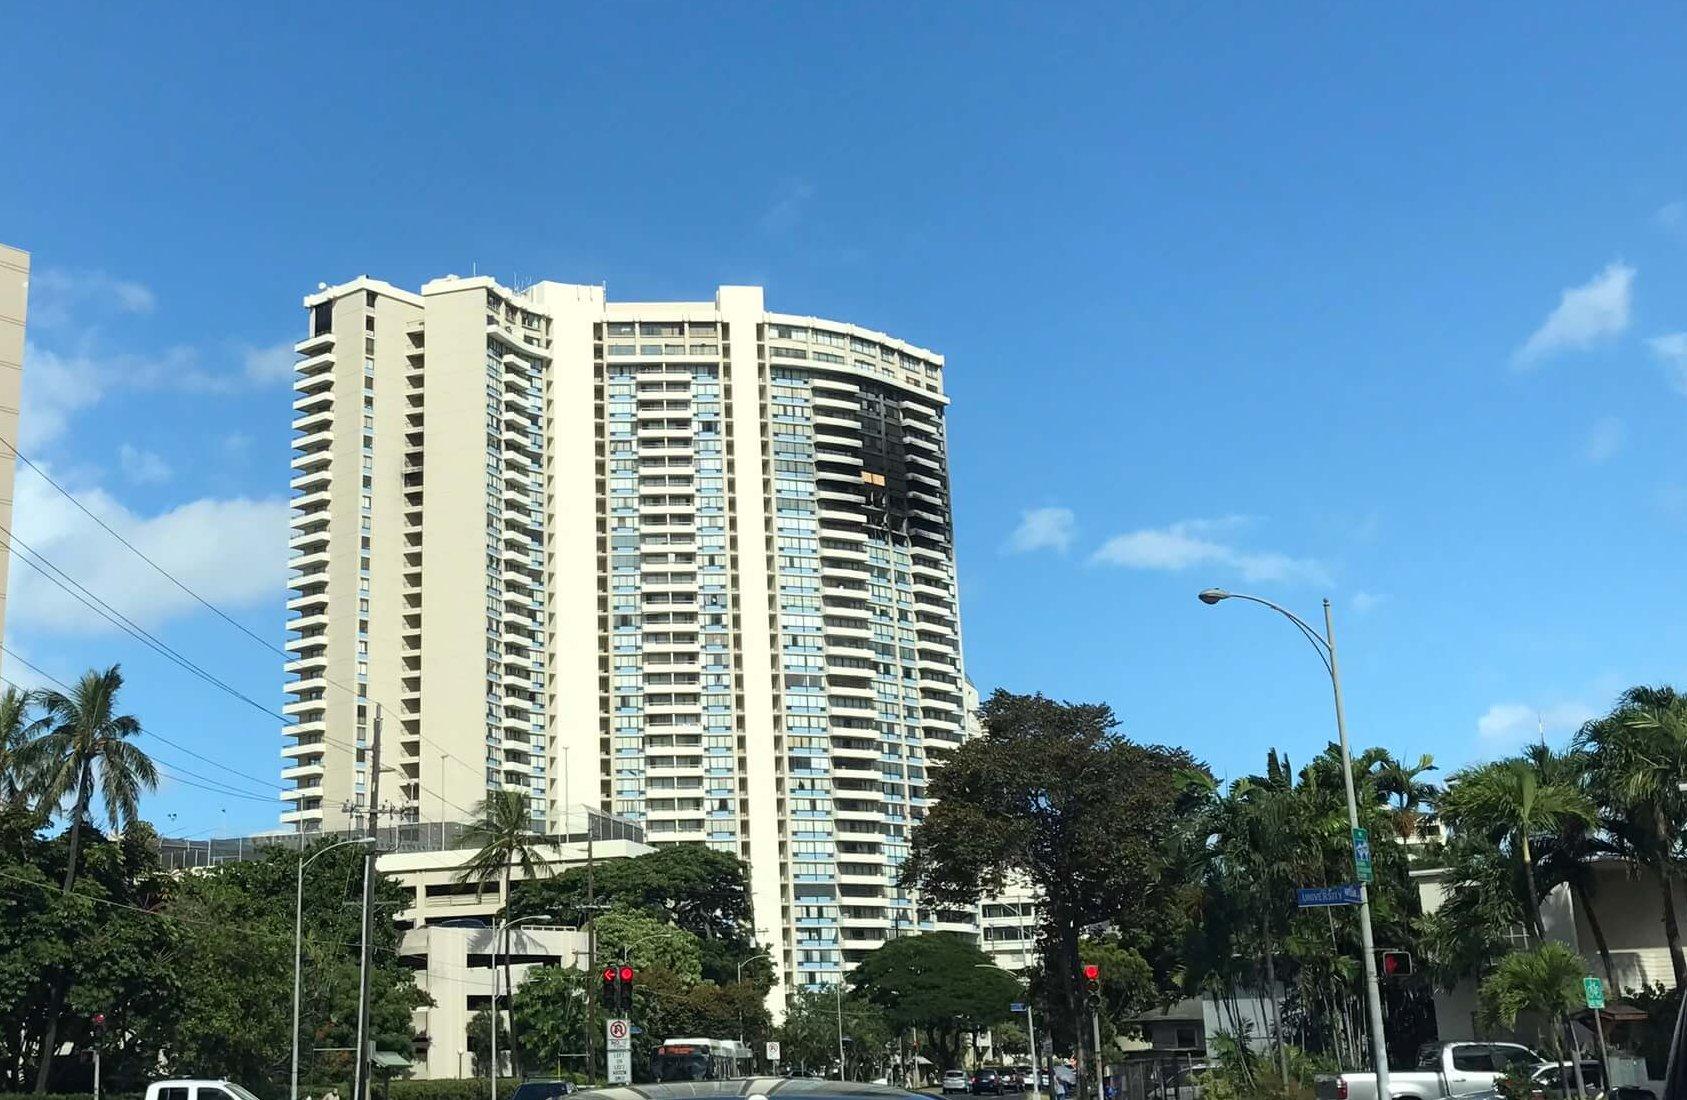 ハワイで大家:火災の痛々しい傷跡残るマルコポーロ